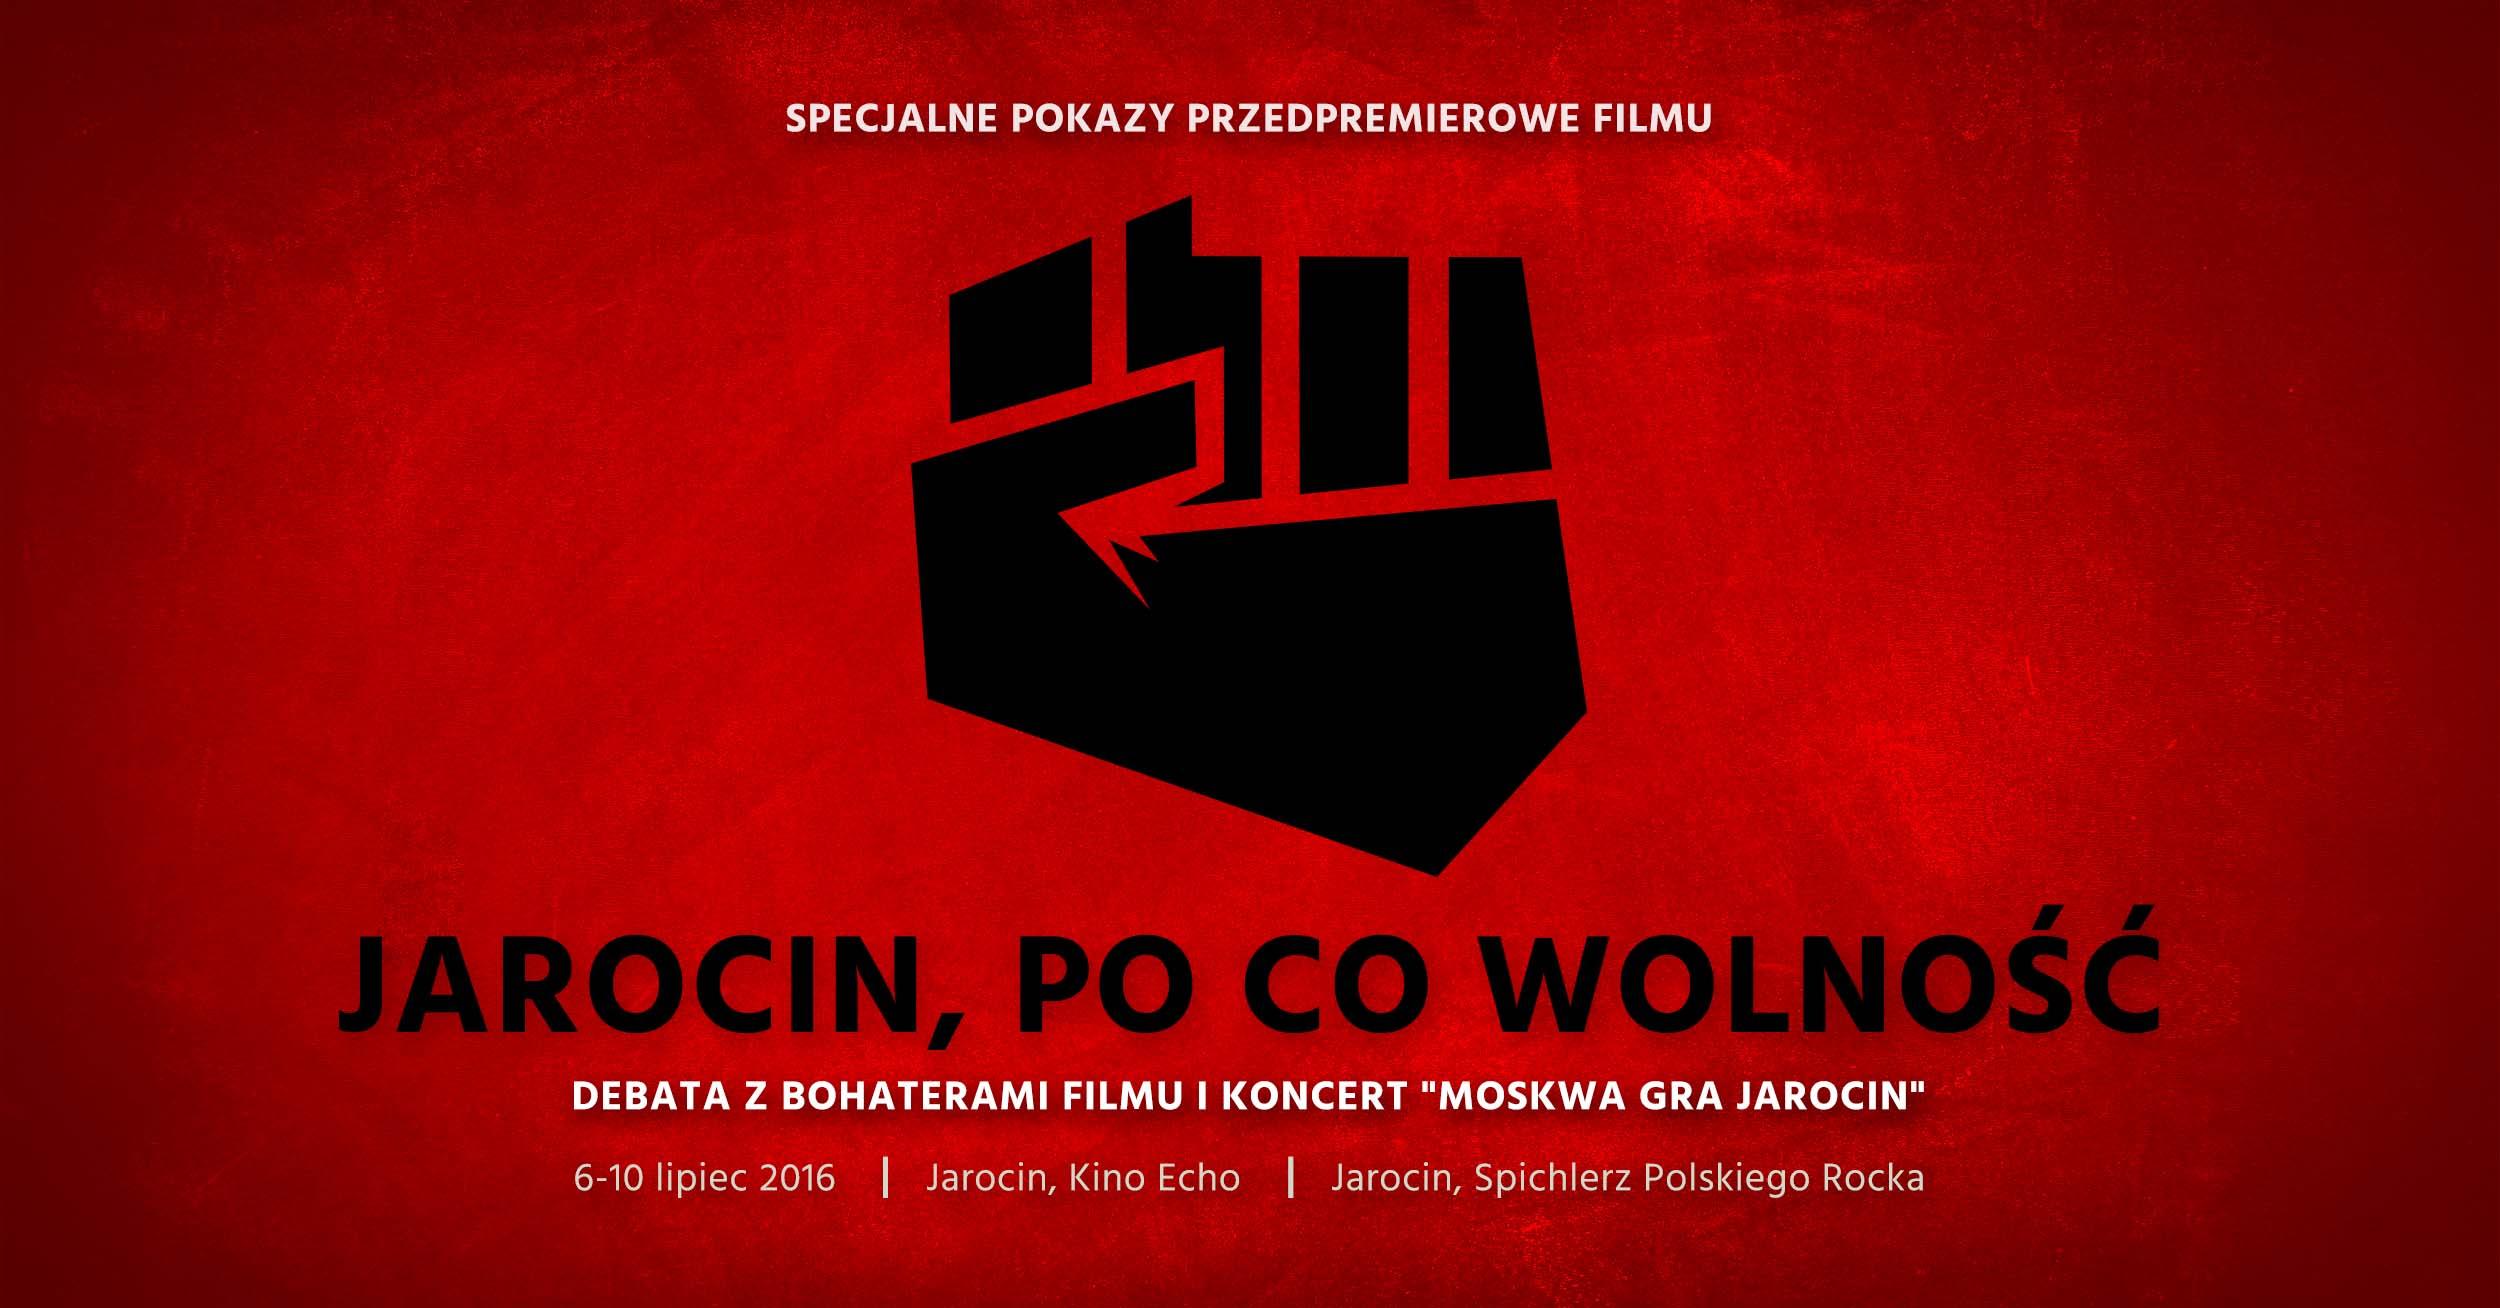 """""""Jarocin, po co wolność"""" – pokazy przedpremierowe i koncert"""